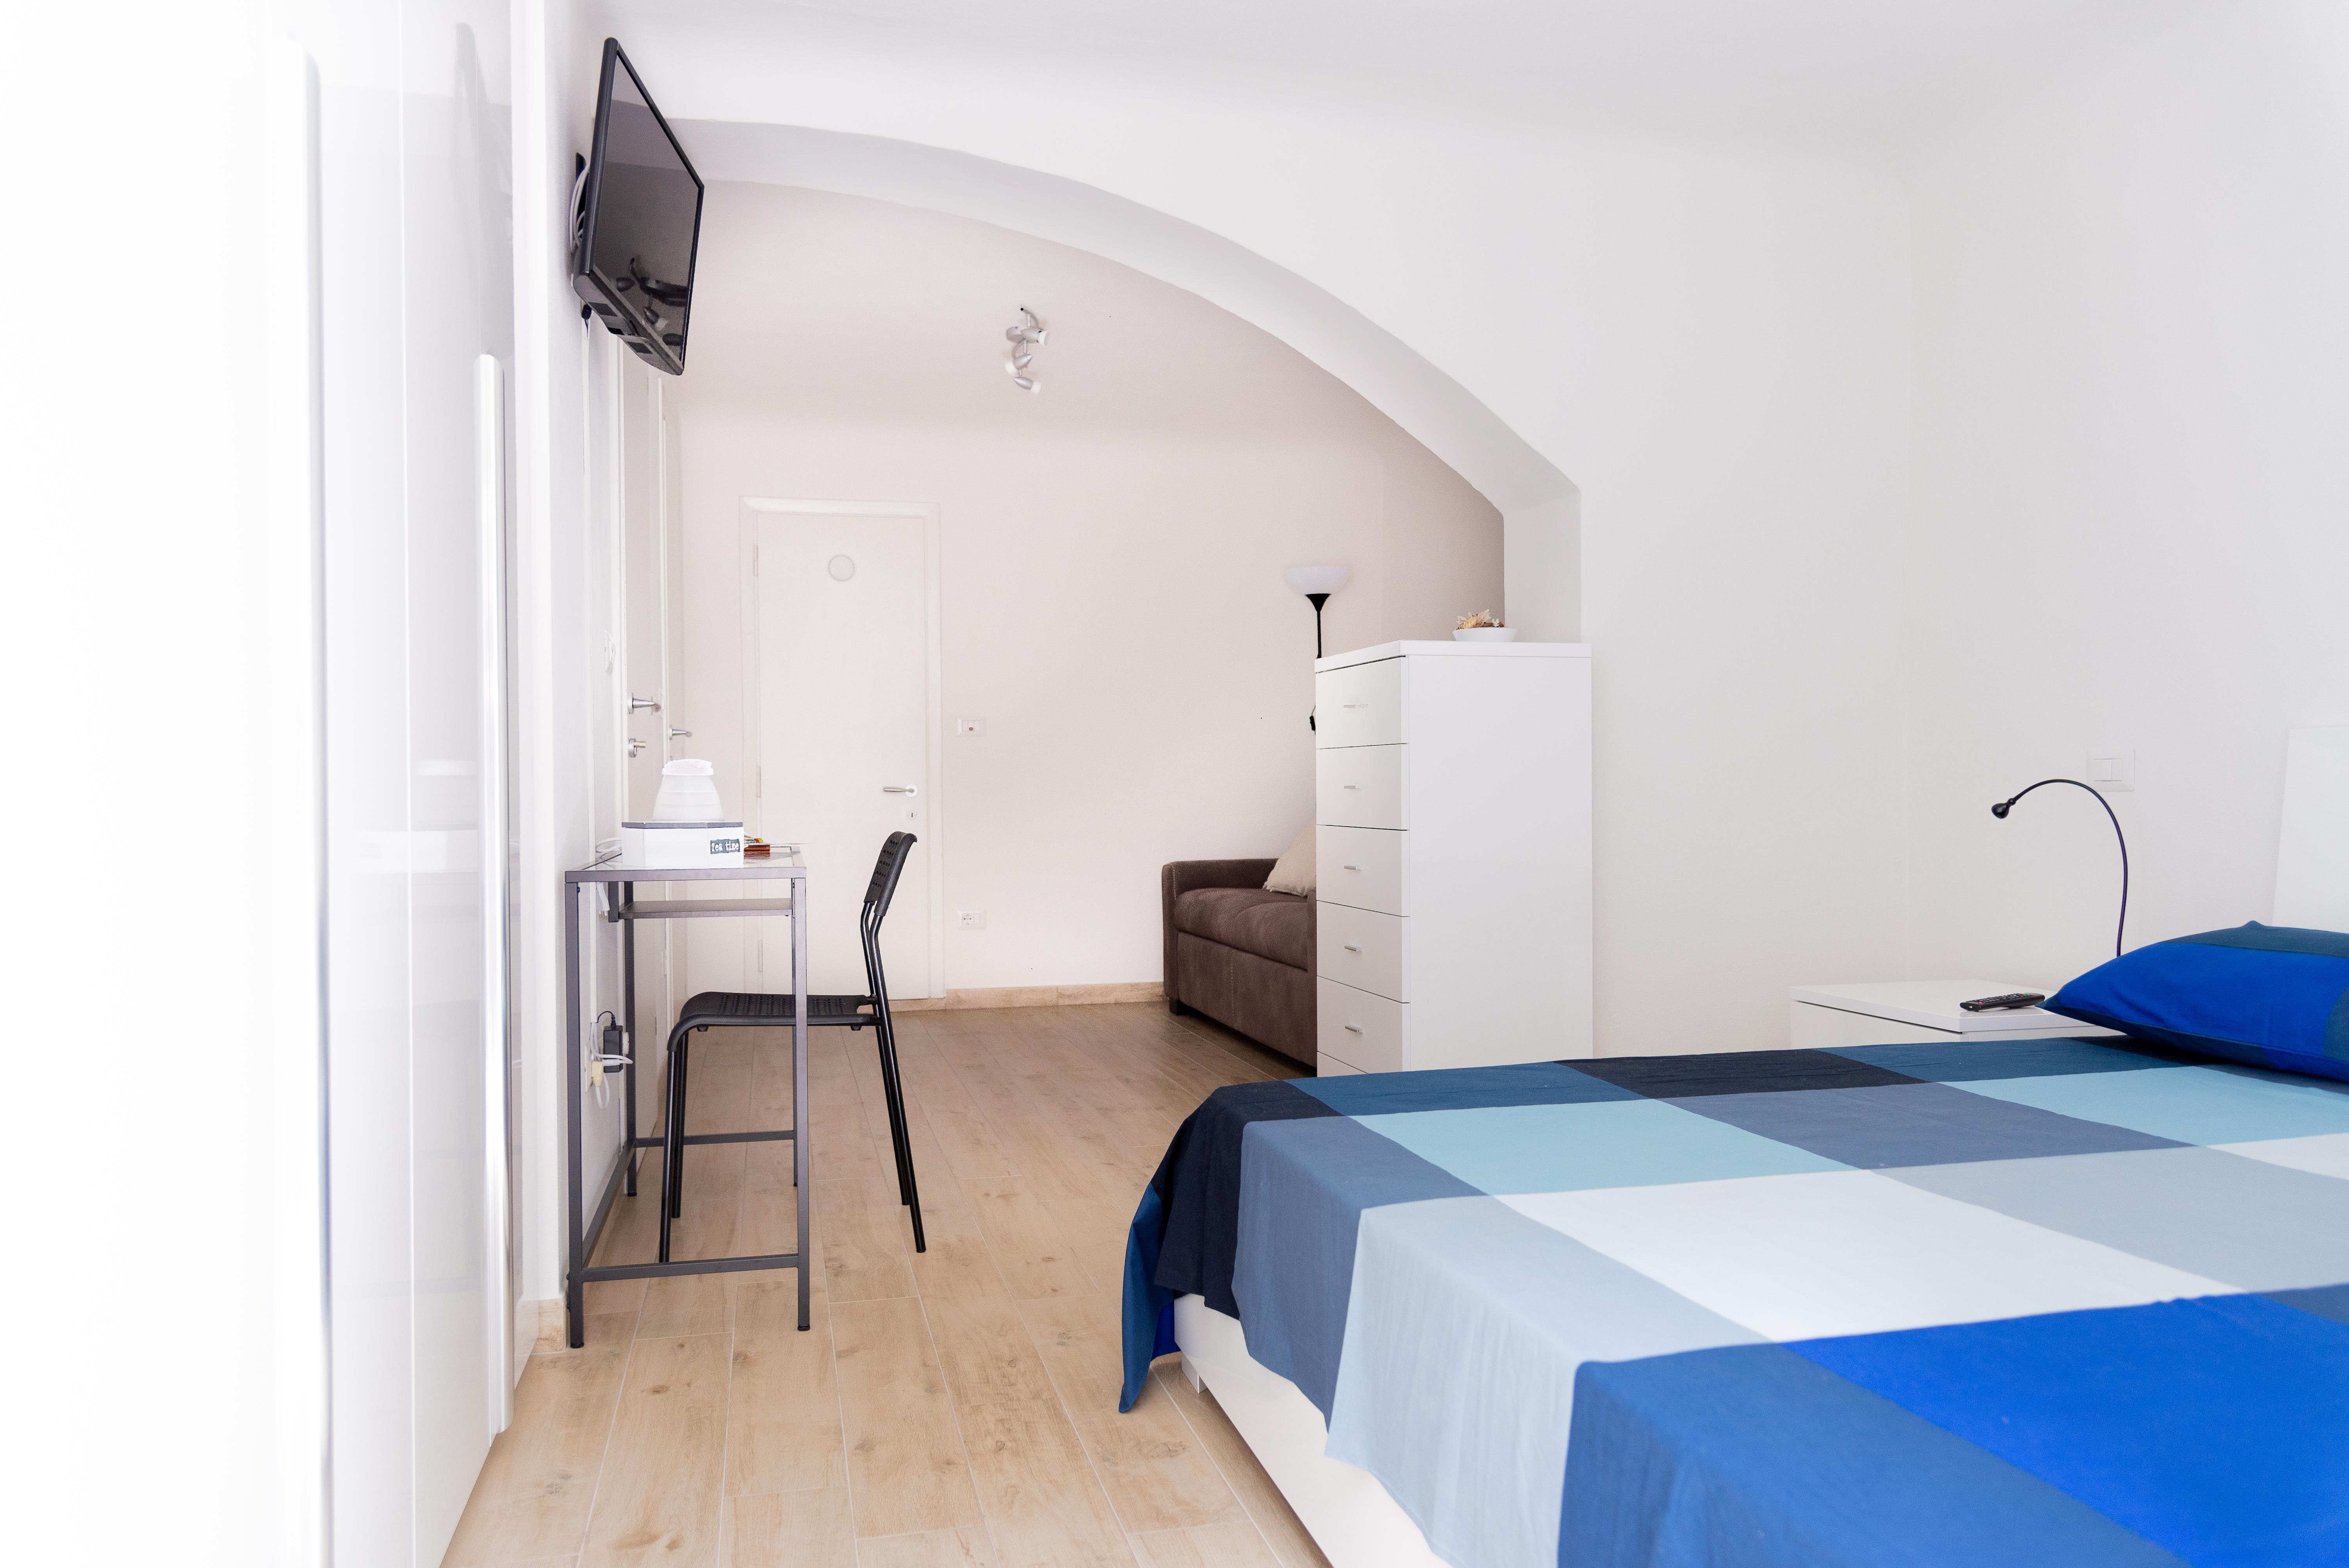 Ampia stanza | Appartamento privato a Firenze